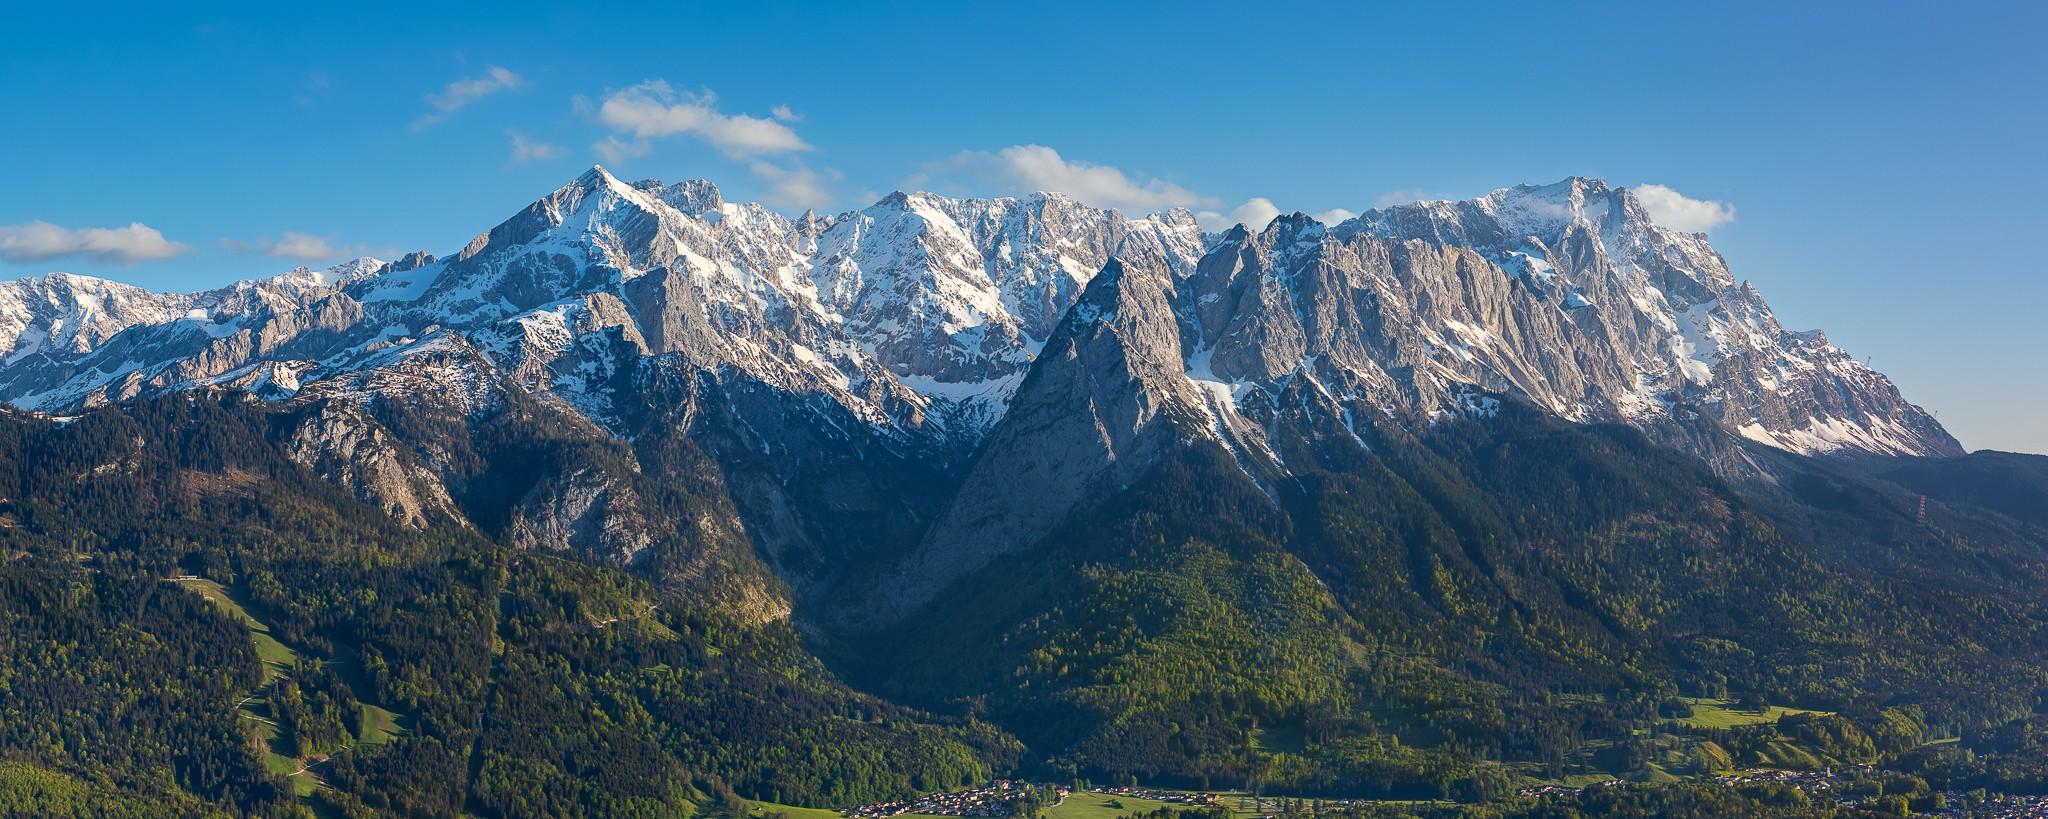 Alpspitze, Höllental, Waxenstein und Zugspitze im Frühsommer